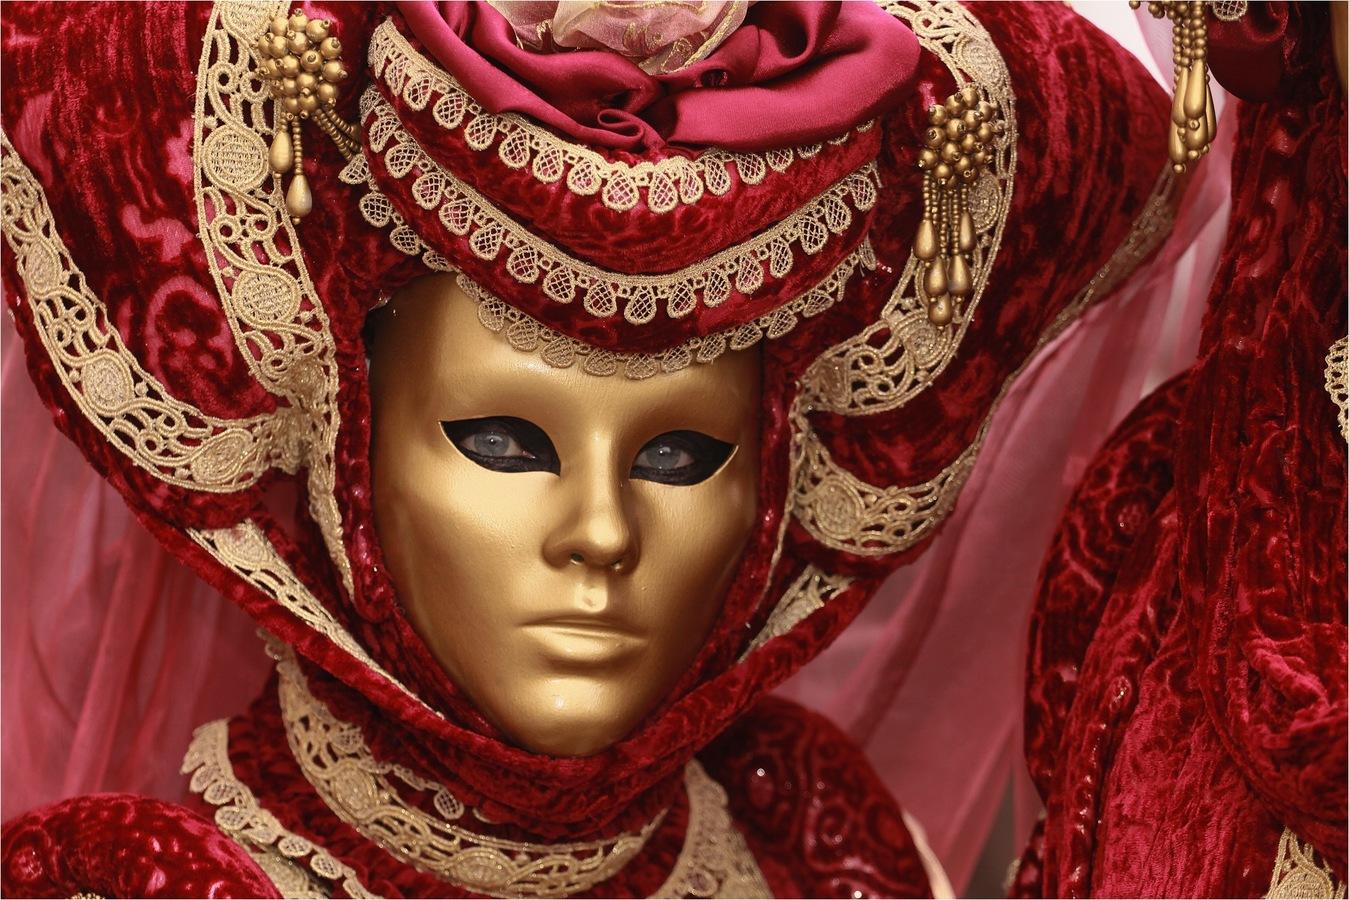 Benátský karneval se blíží.........